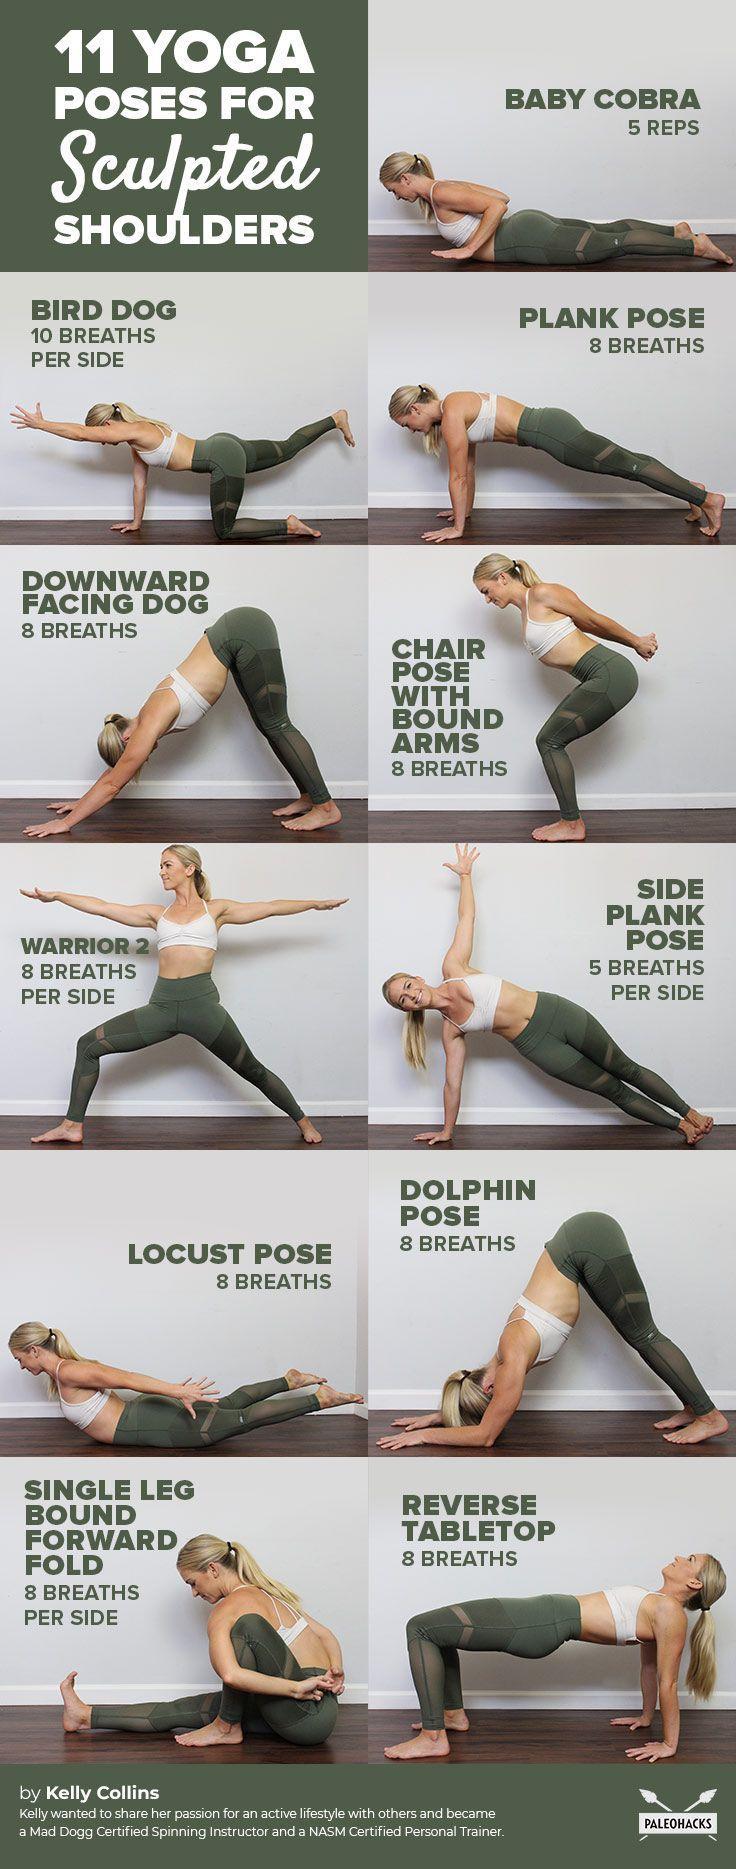 11 einfache Yoga-Posen für geformte Schultern und bessere Mobilität, #bessere #einfache #geformte #m...